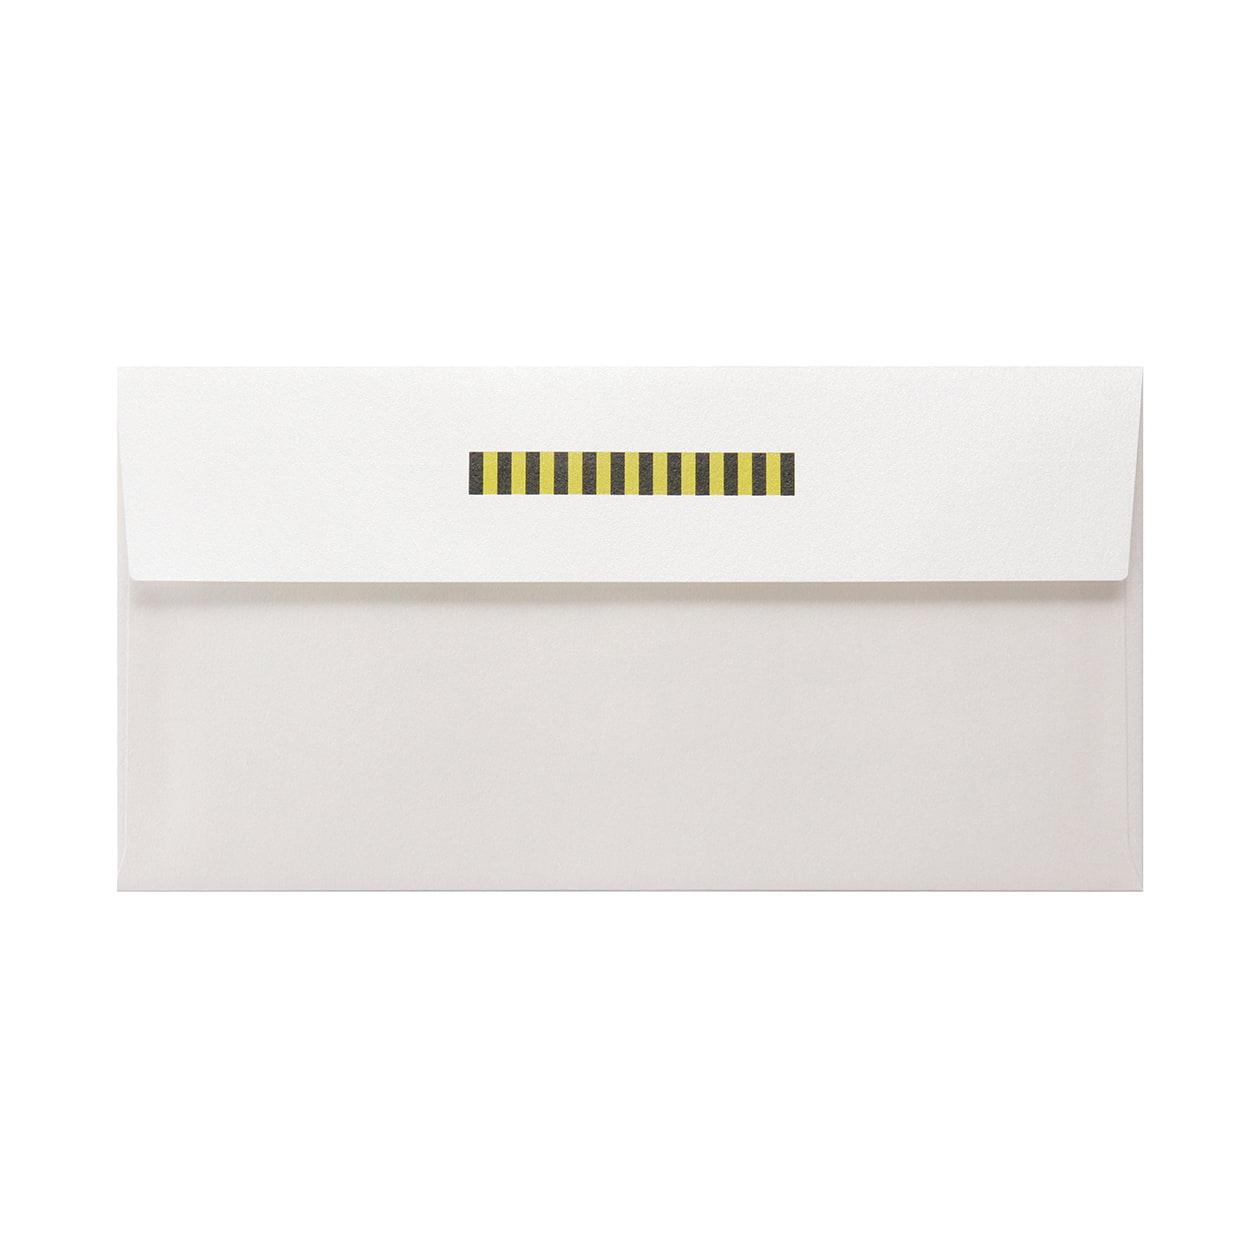 見本 00010 長3カマス封筒 コットンパール スノーホワイト 125.3g